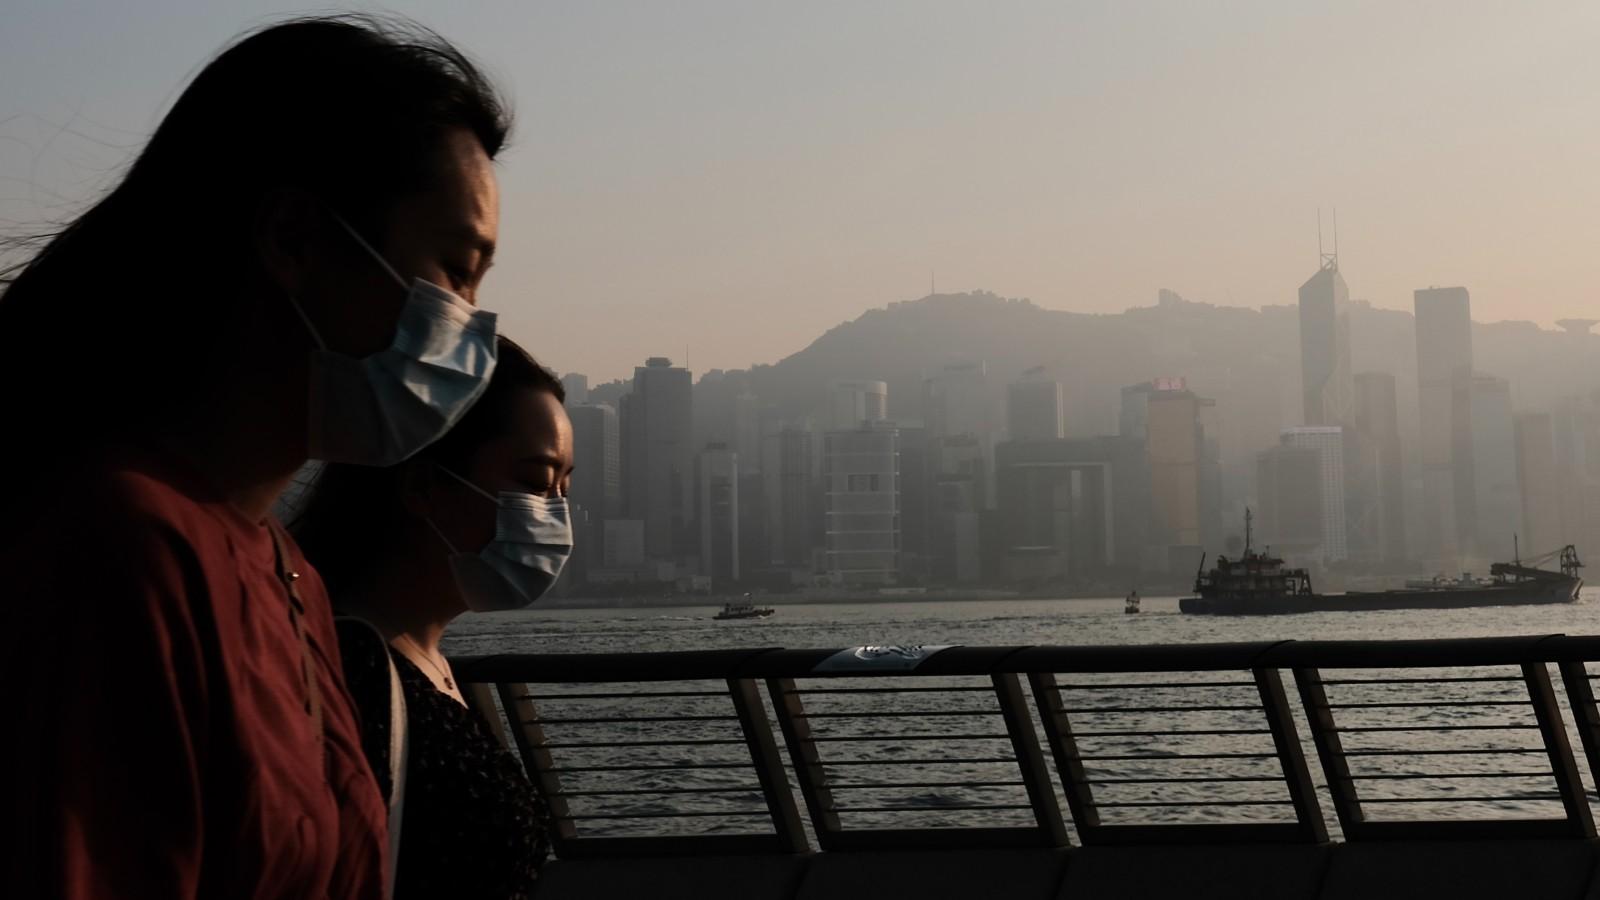 環保署招聘減廢主任-環境保護署-政府職位空缺2021-約滿酬金-非公務員合約僱員-香港財經時報-HKBT